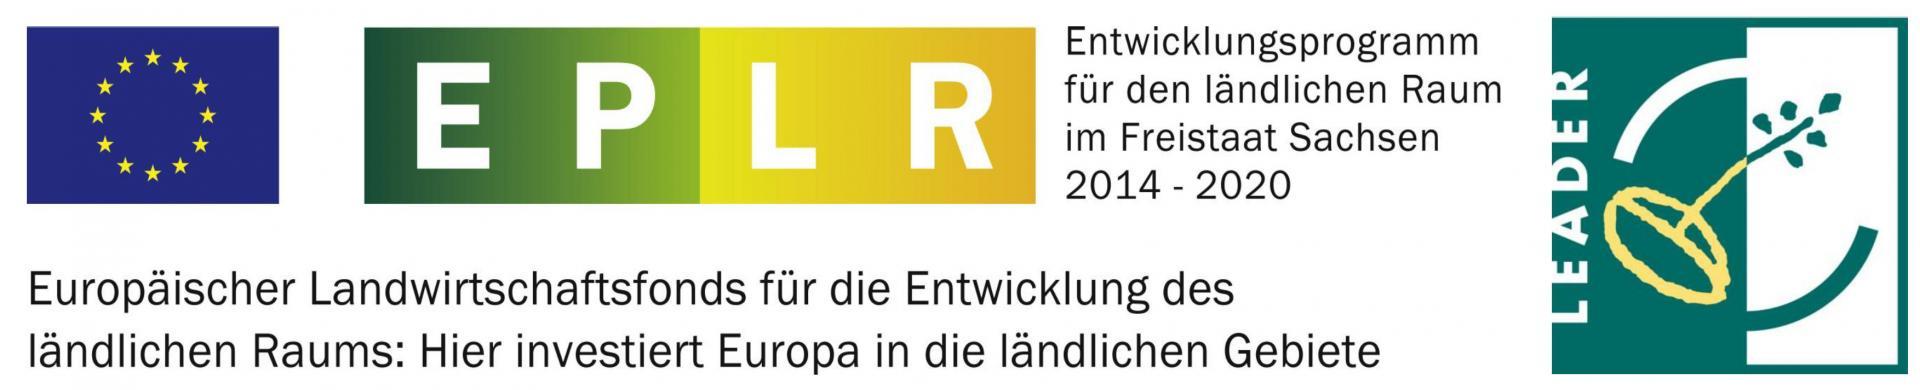 Europäischer Landwirtschaftsfond